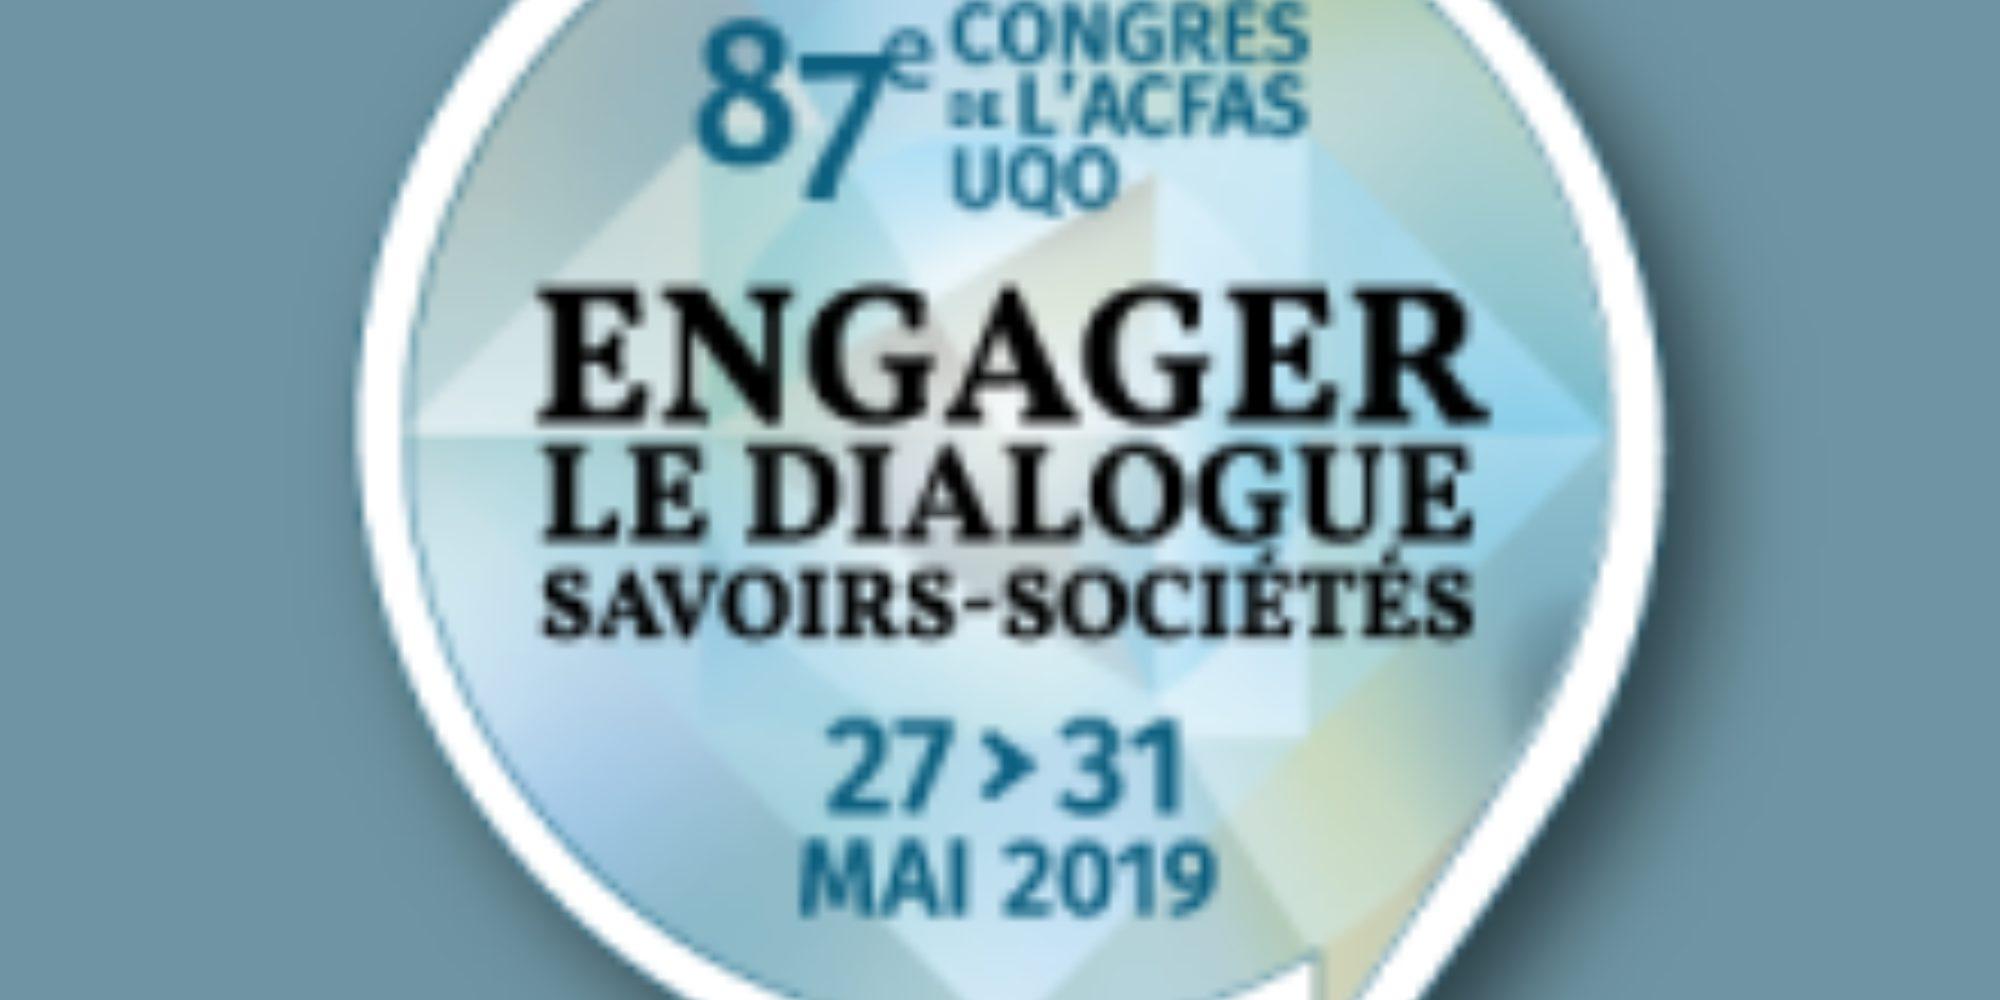 ACFAS 2019 - Co-organisation de deux colloques